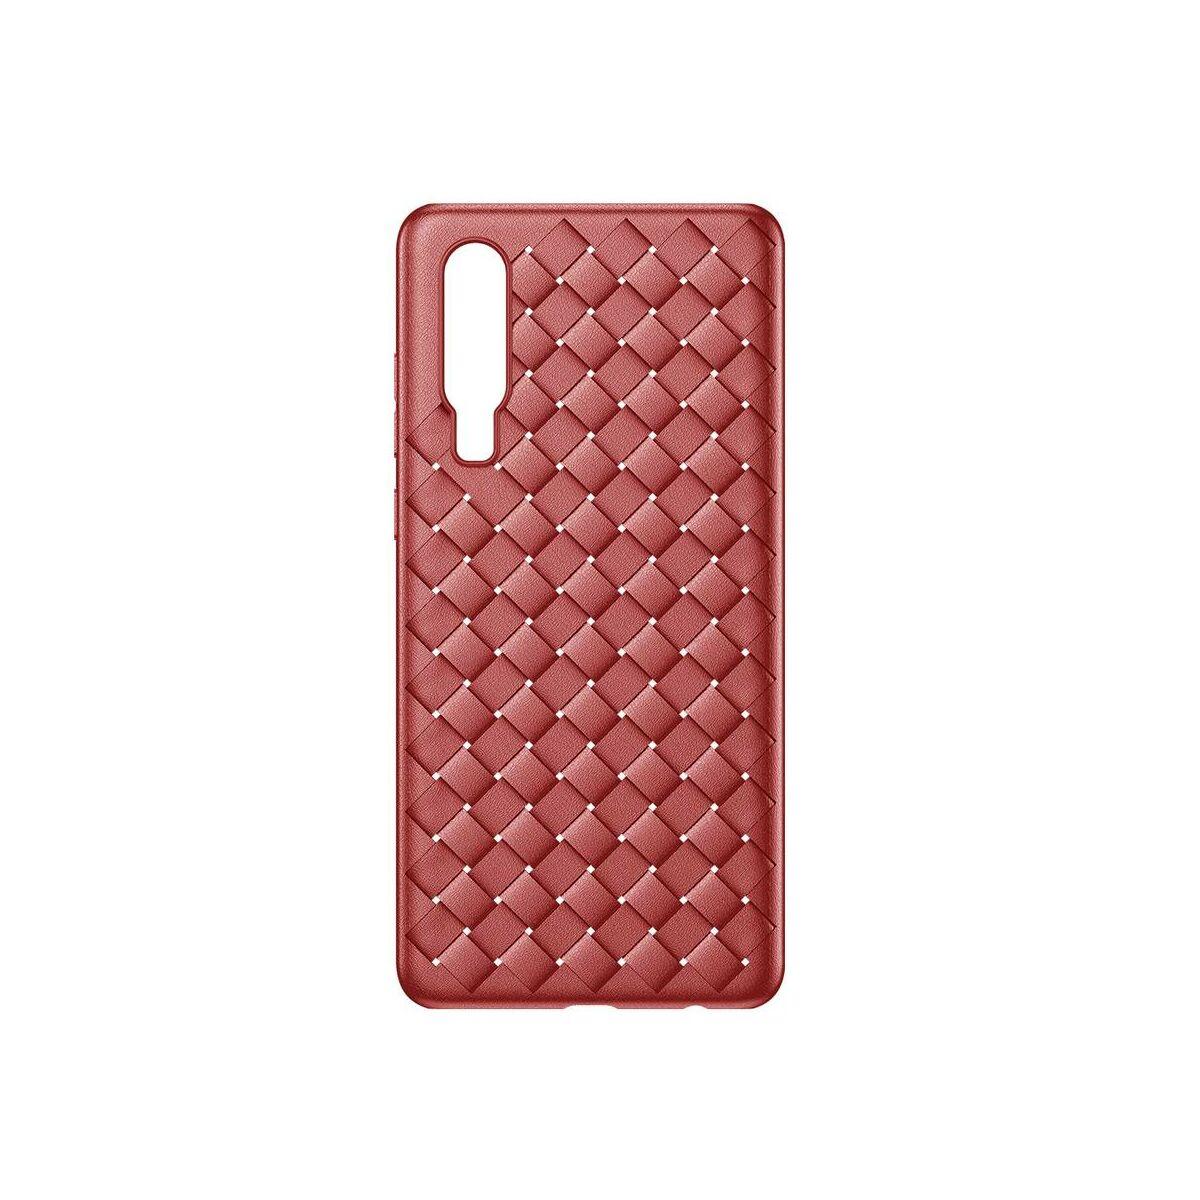 Baseus Huawei P30 tok, Weaving, piros (WIHWP30-BV09)